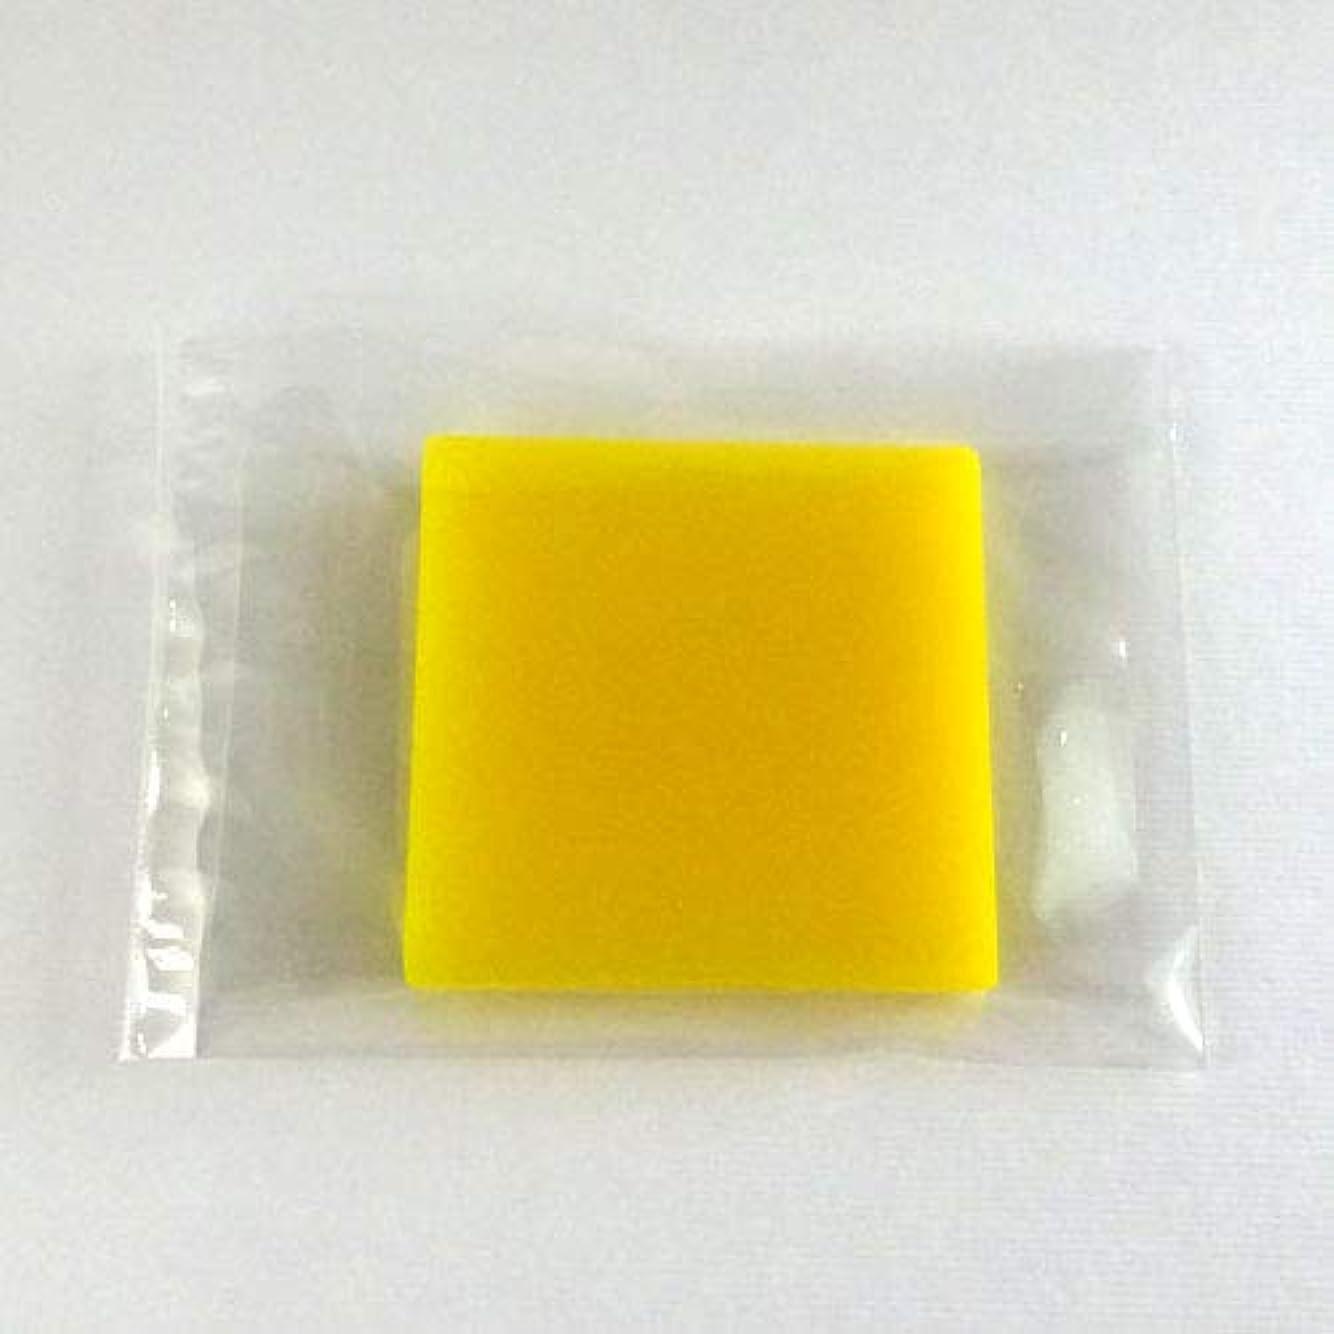 ハンカチカテゴリー大きさグリセリンソープ MPソープ 色チップ 黄(イエロー) 30g